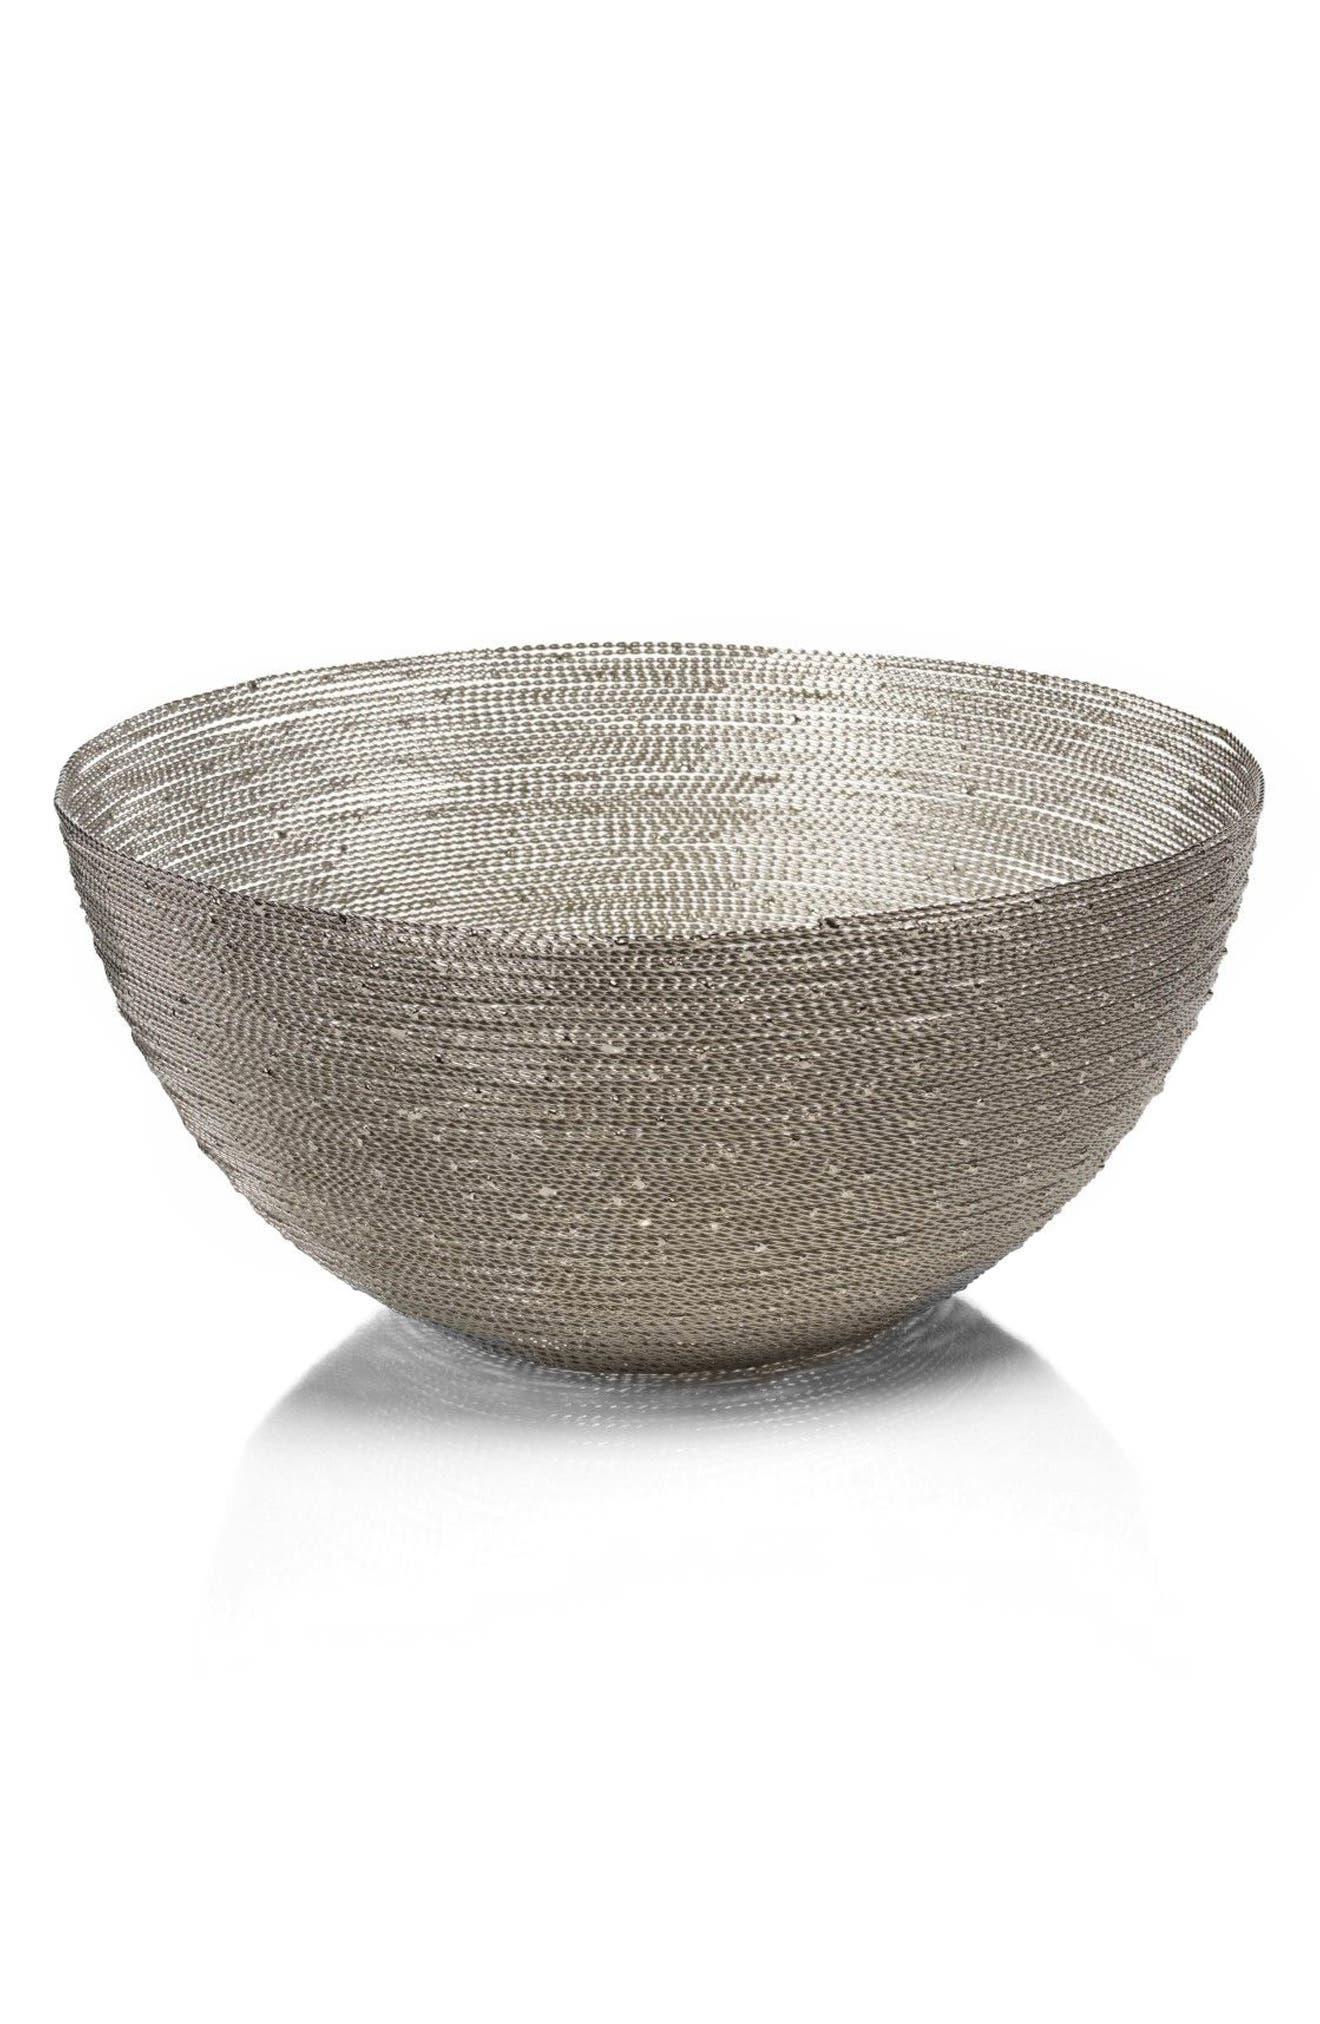 Zodax Zulu Round Woven Wire Basket